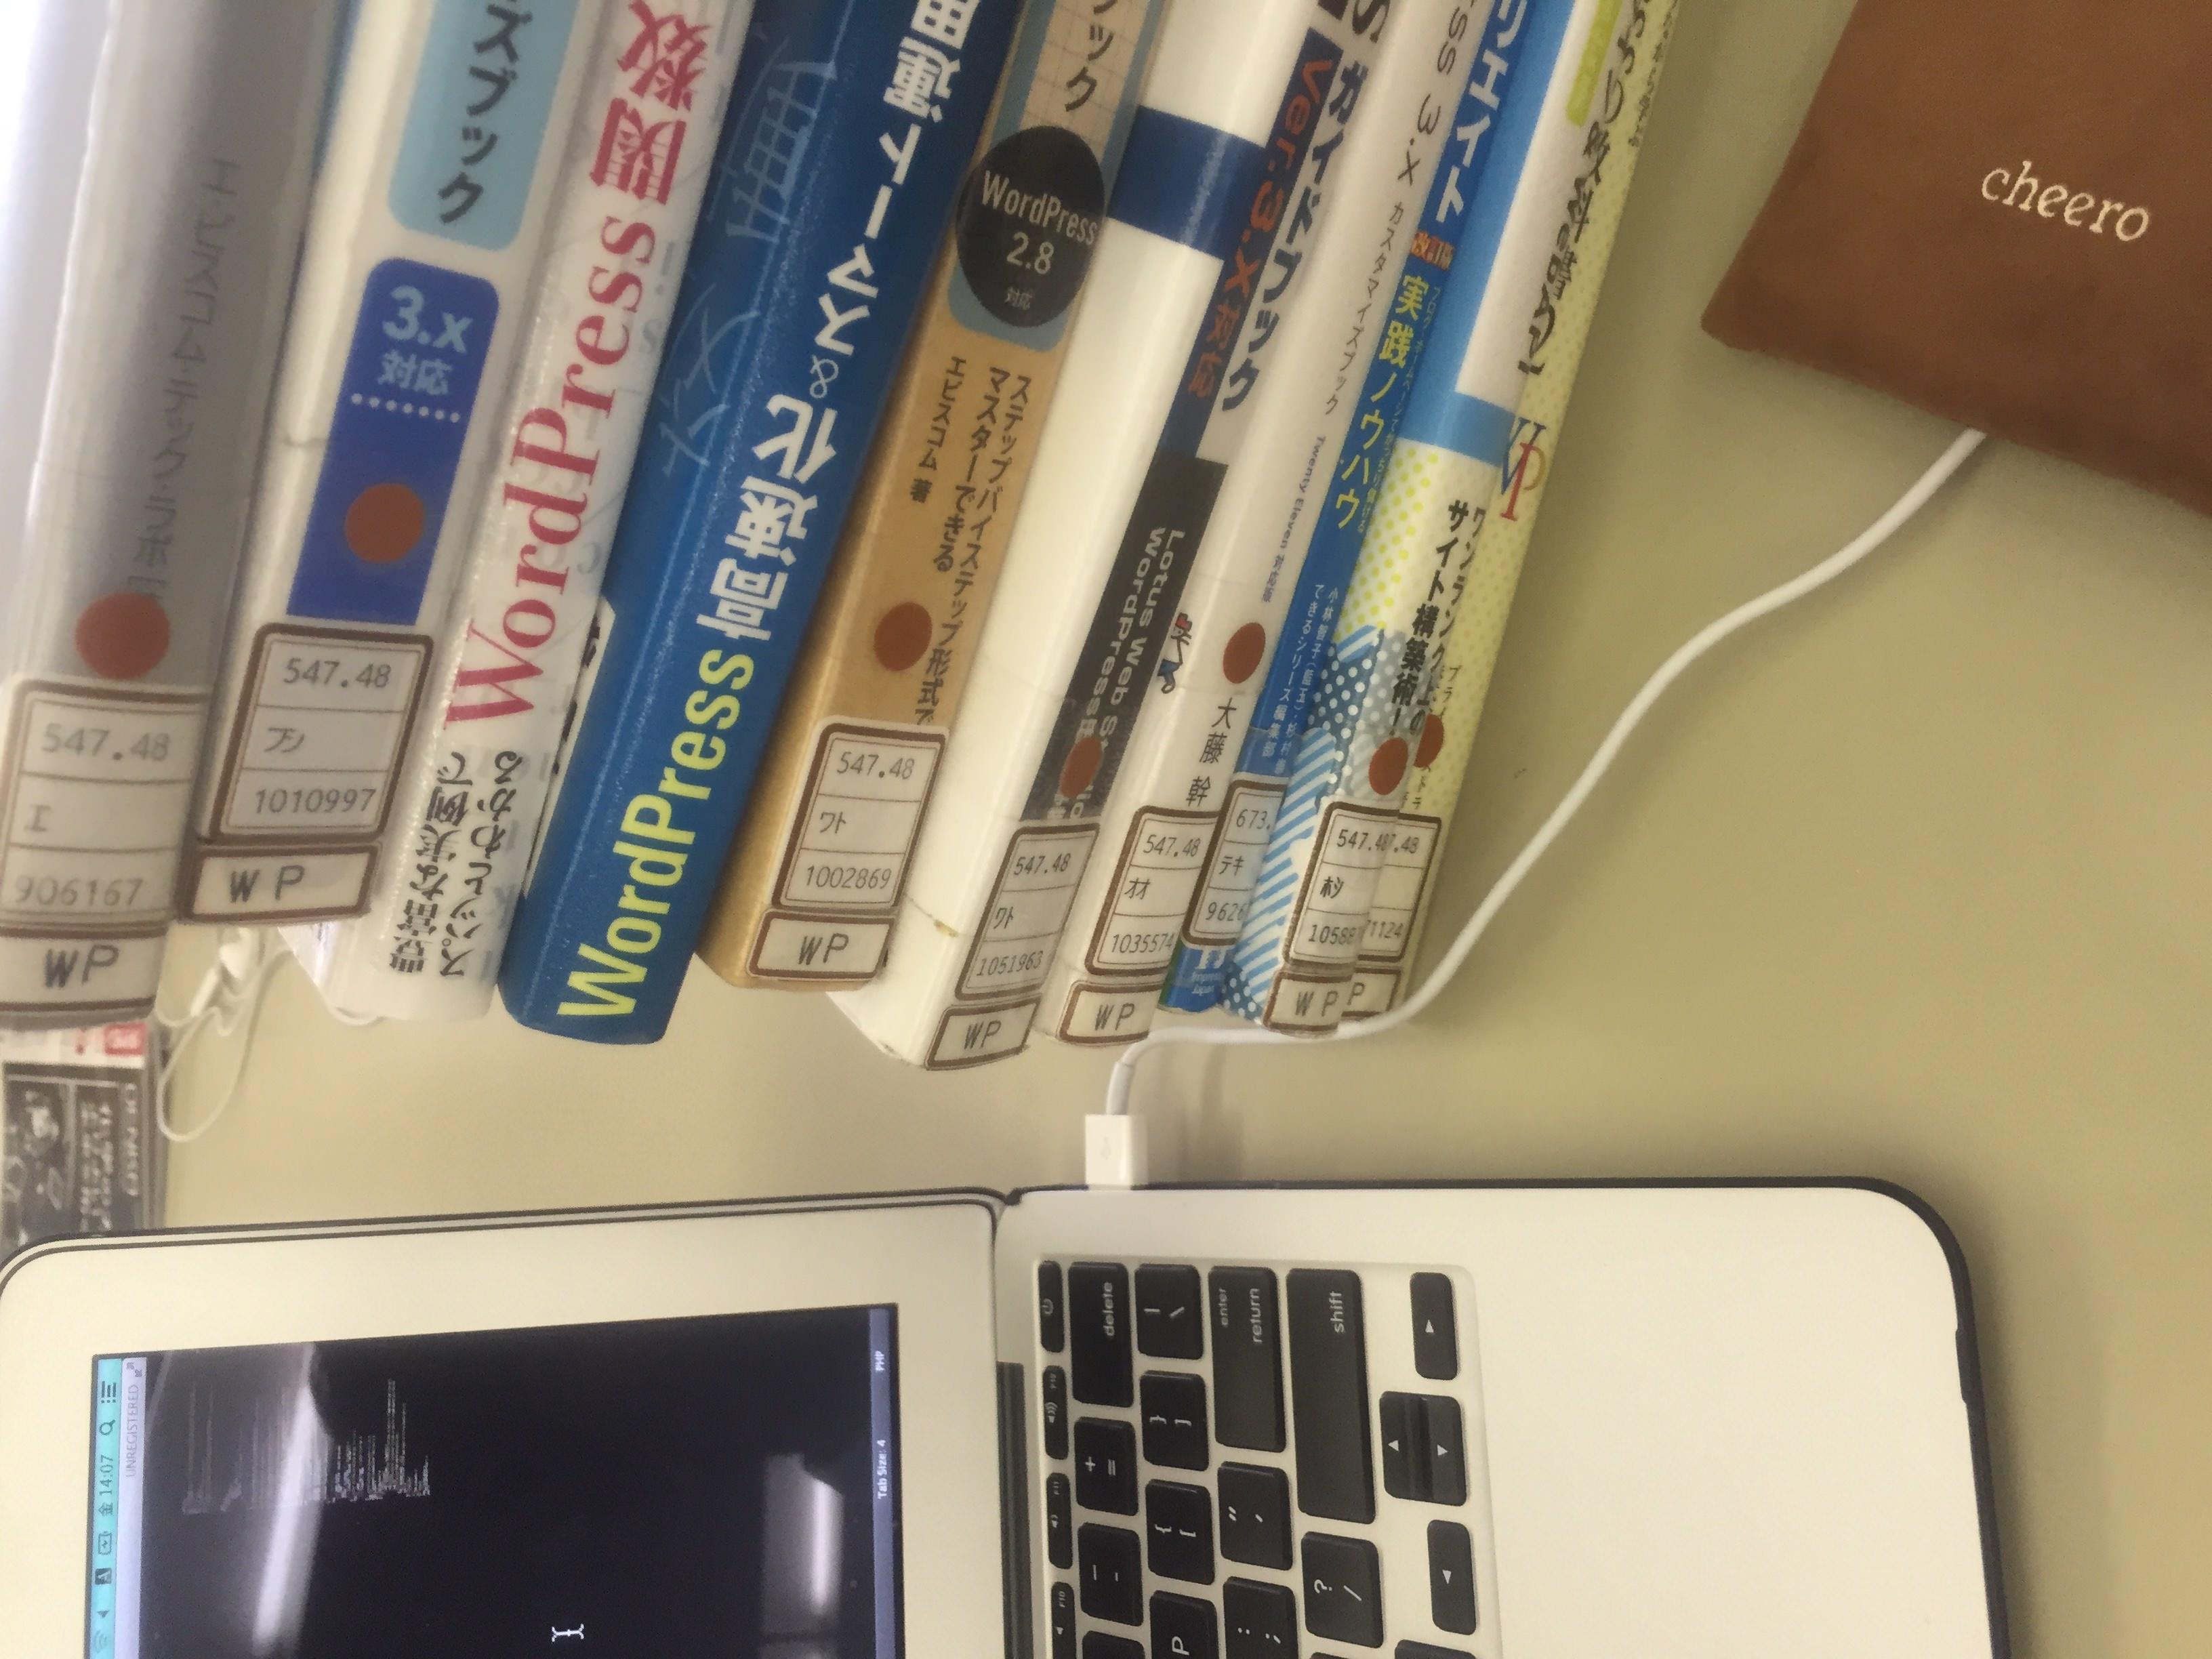 今日は愛知県図書館で「WordPress」の本を漁っていくよ